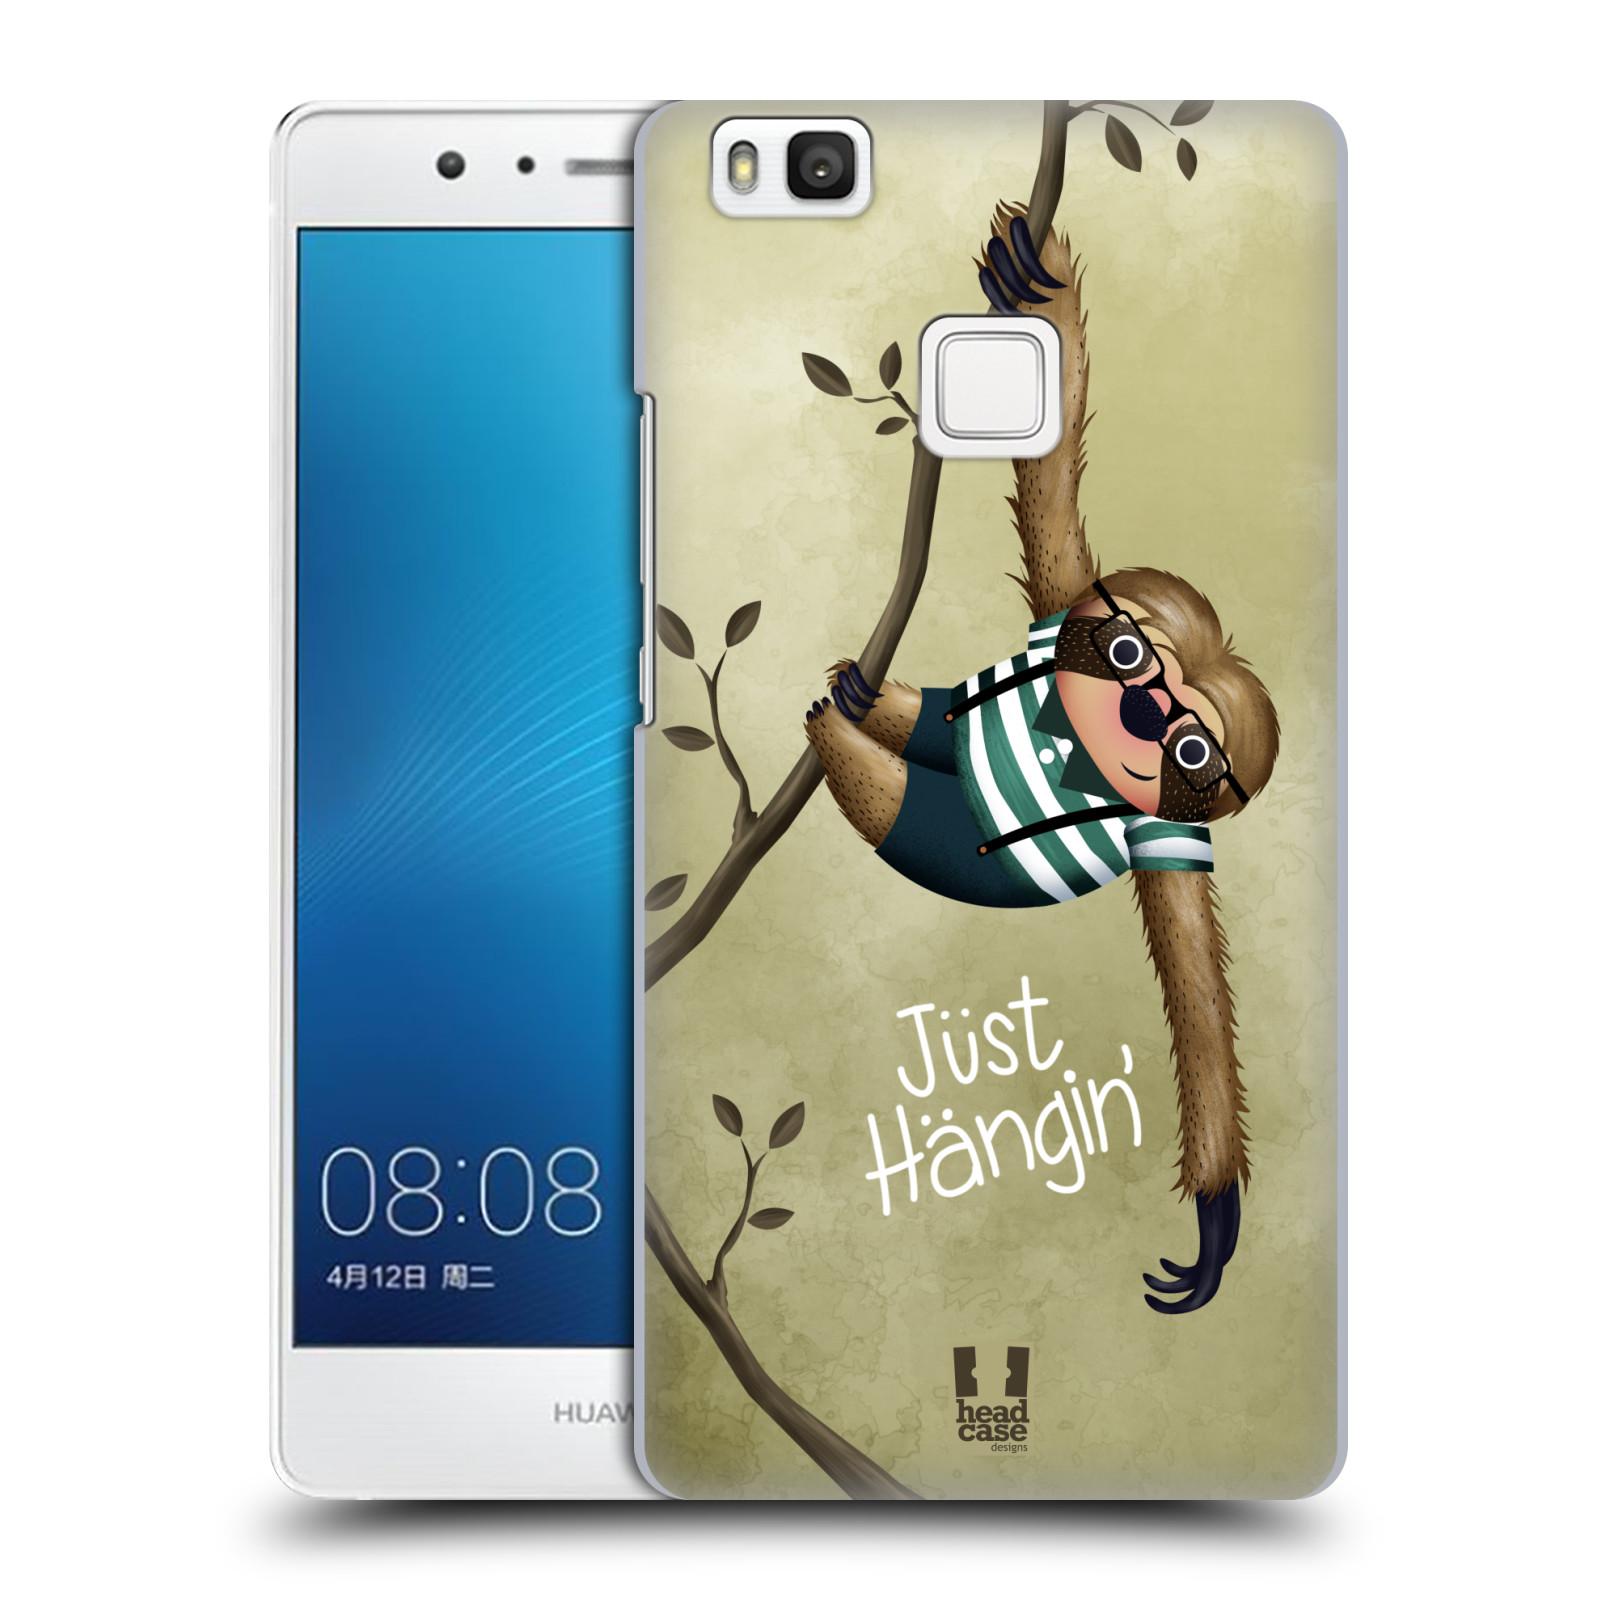 Plastové pouzdro na mobil Huawei P9 Lite HEAD CASE Lenochod Just Hangin